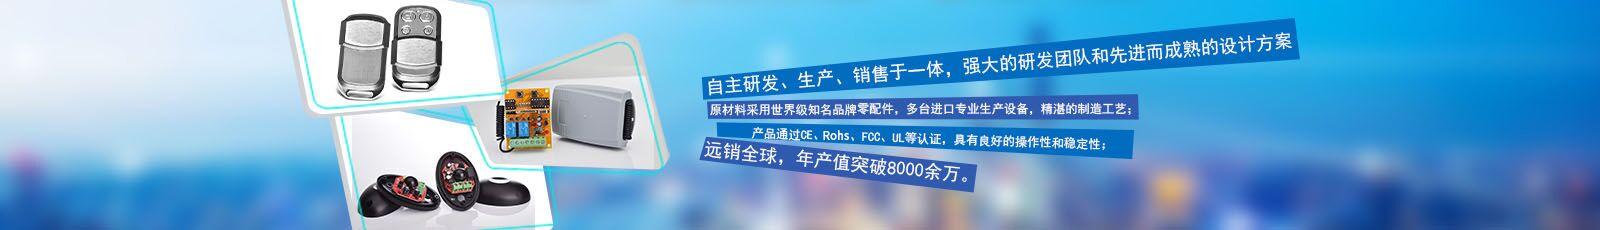 365游戏厅无线遥控器yue产量达500000件